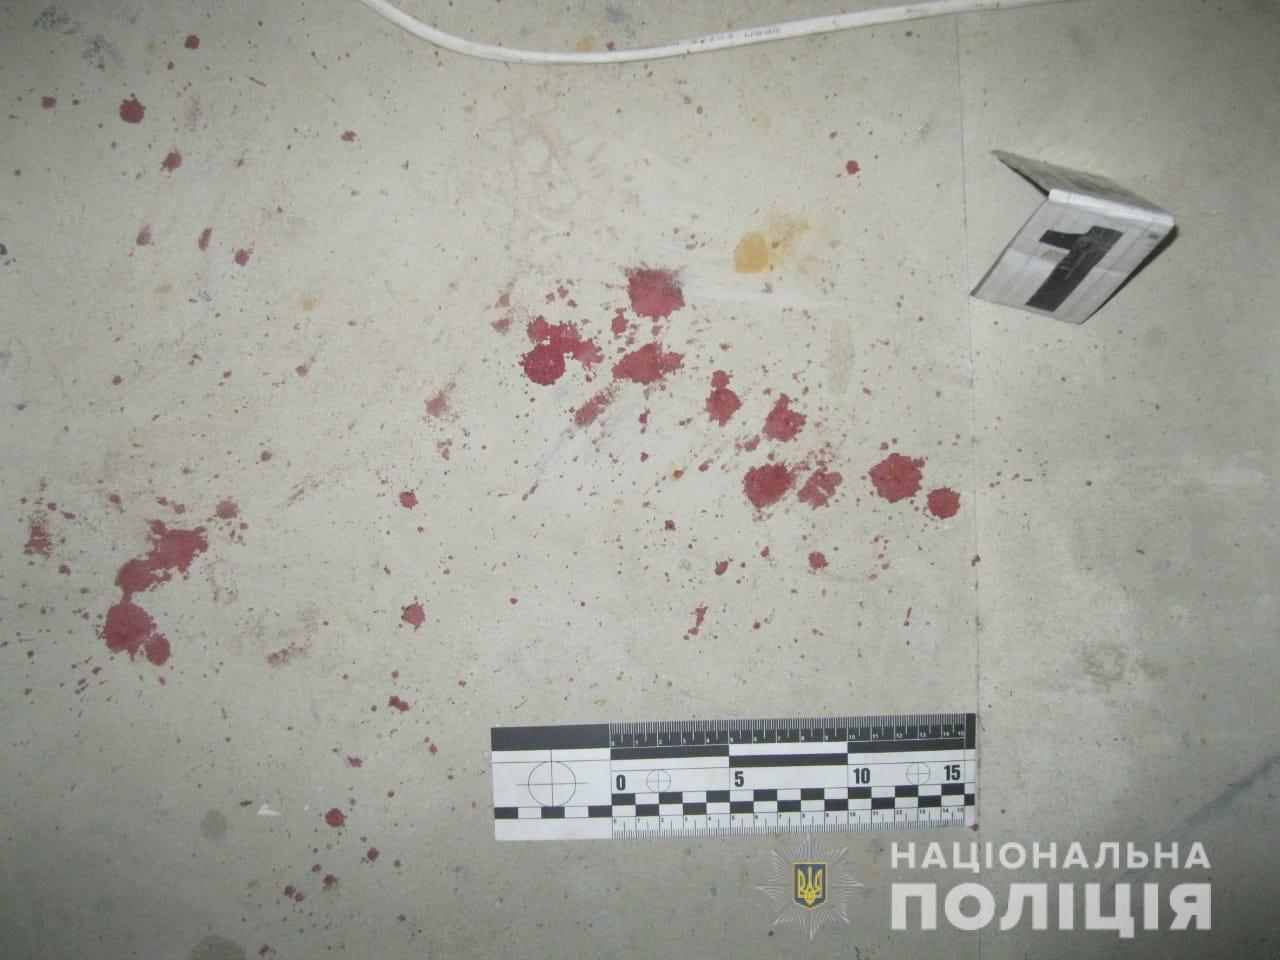 На базе отдыха под Харьковом изрезали ножом мужчину (фото)